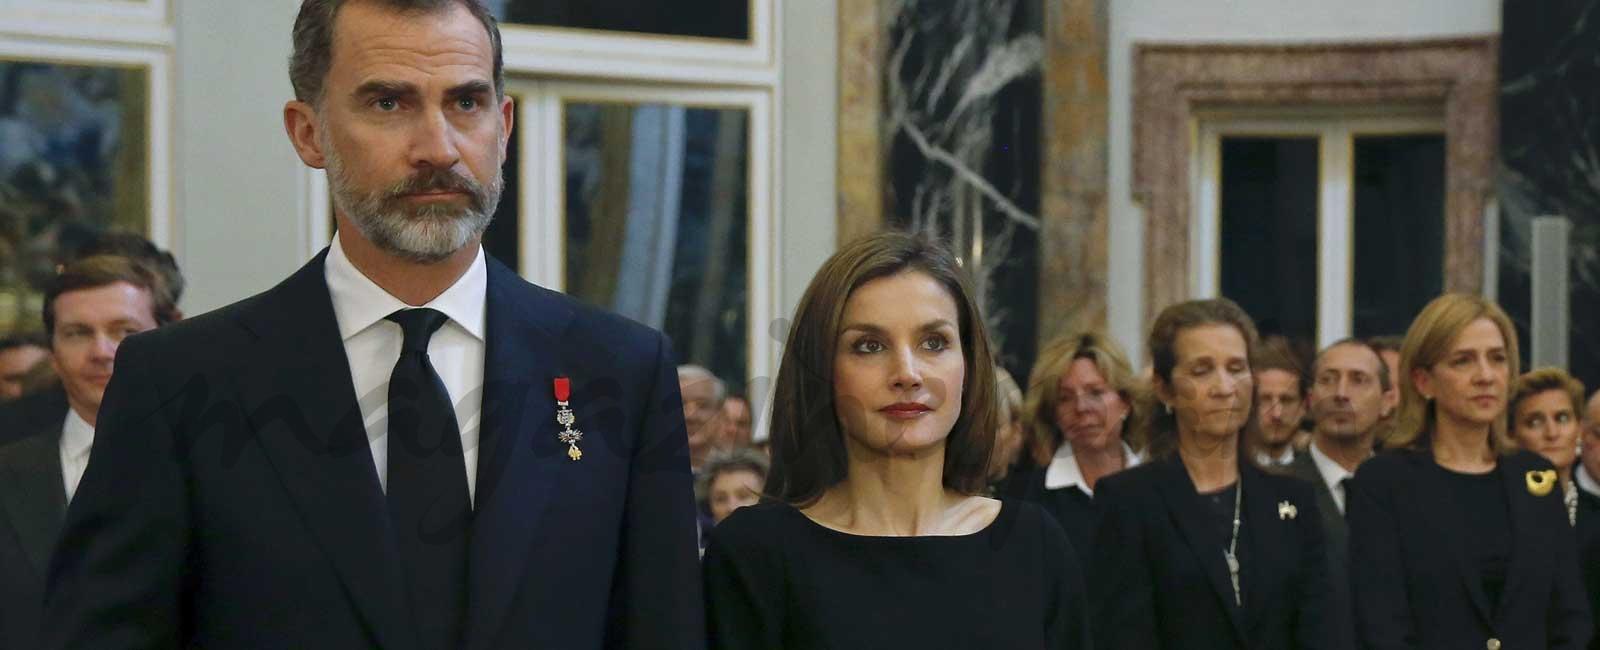 Los Reyes condenan el atentado en Barcelona